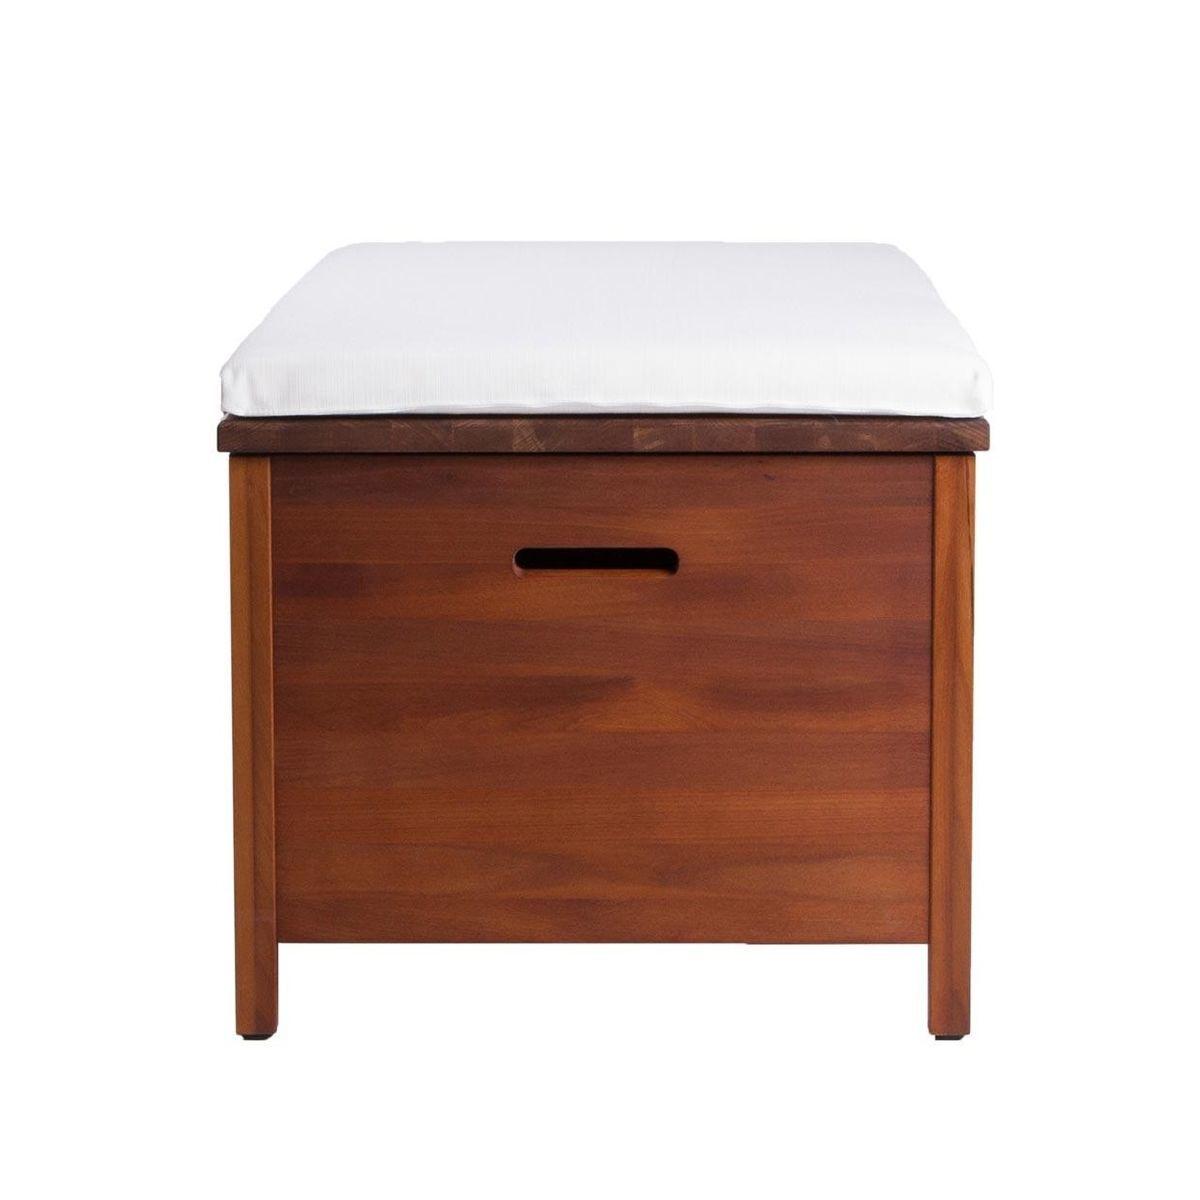 Adwood box coffre de rangement pour coussins adwood coffres de rangement pour coussins - Rangement coussin de jardin ...